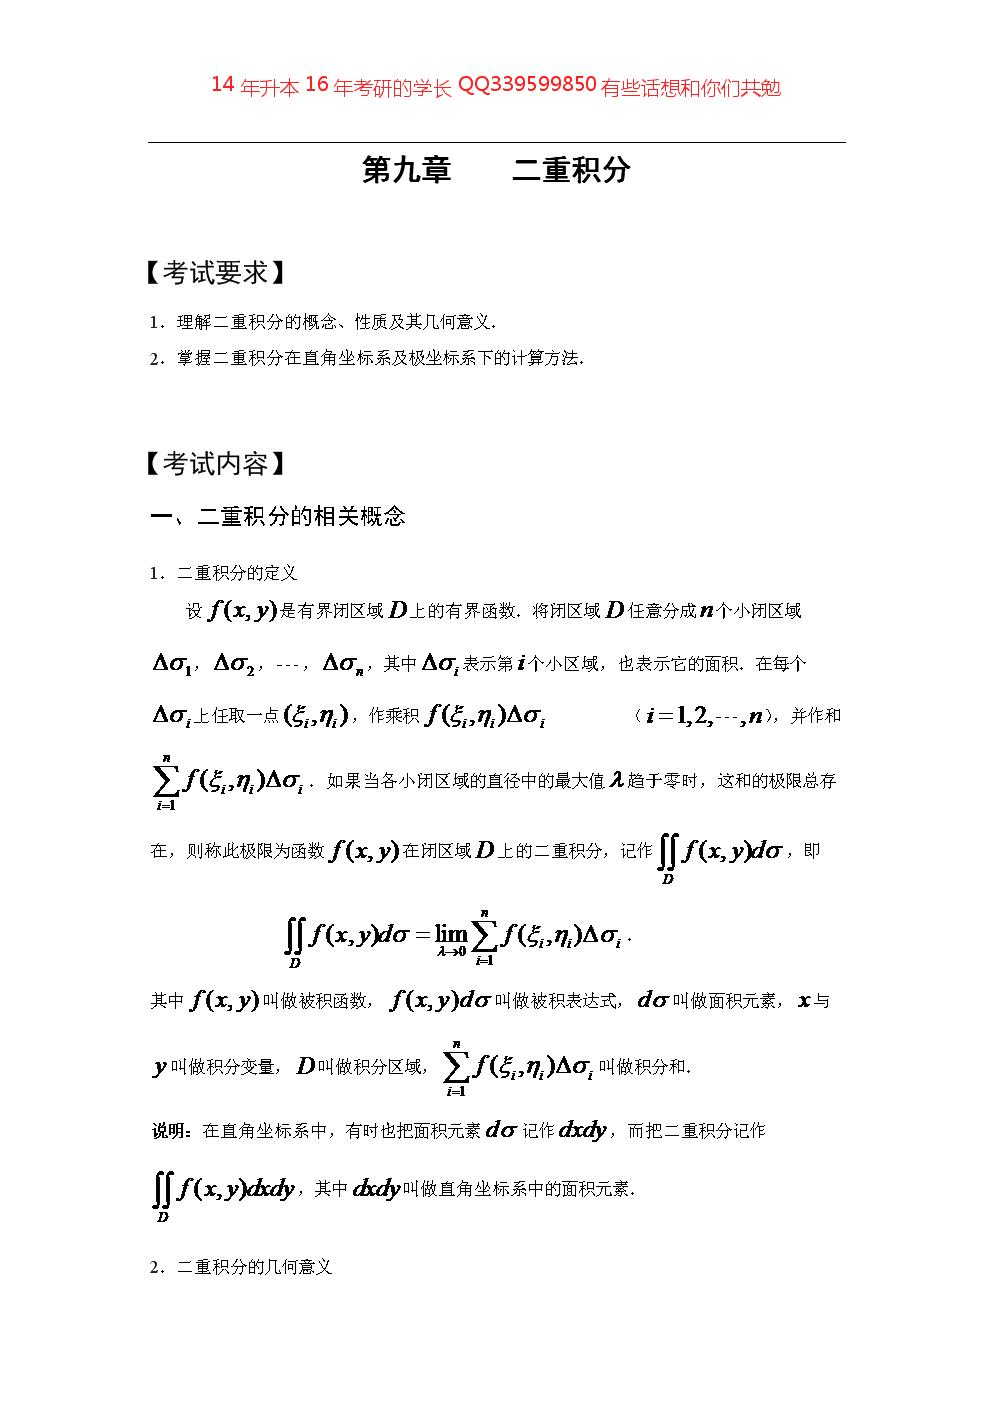 9第九章二重积分 - 副本.doc